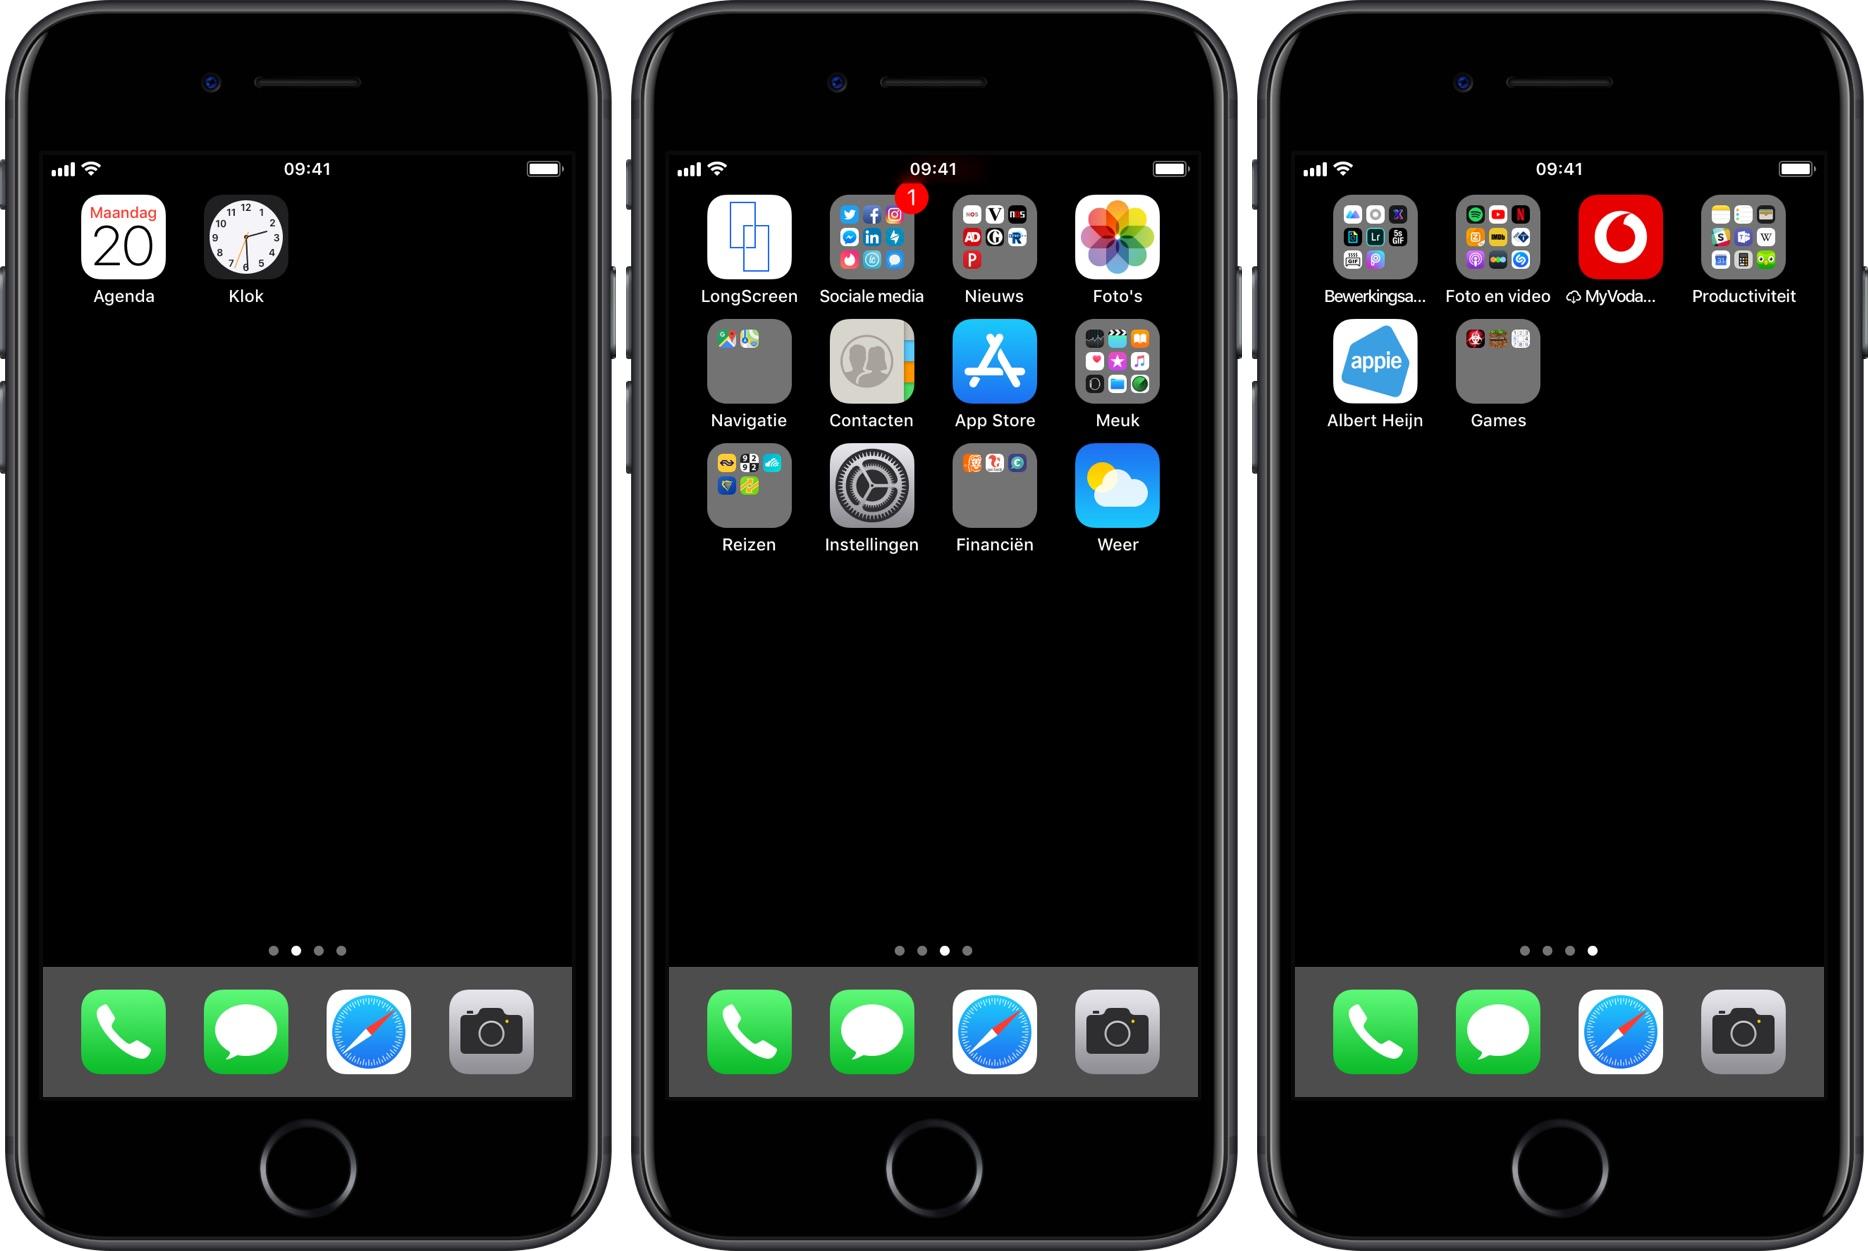 thuisscherm iphone op zwart